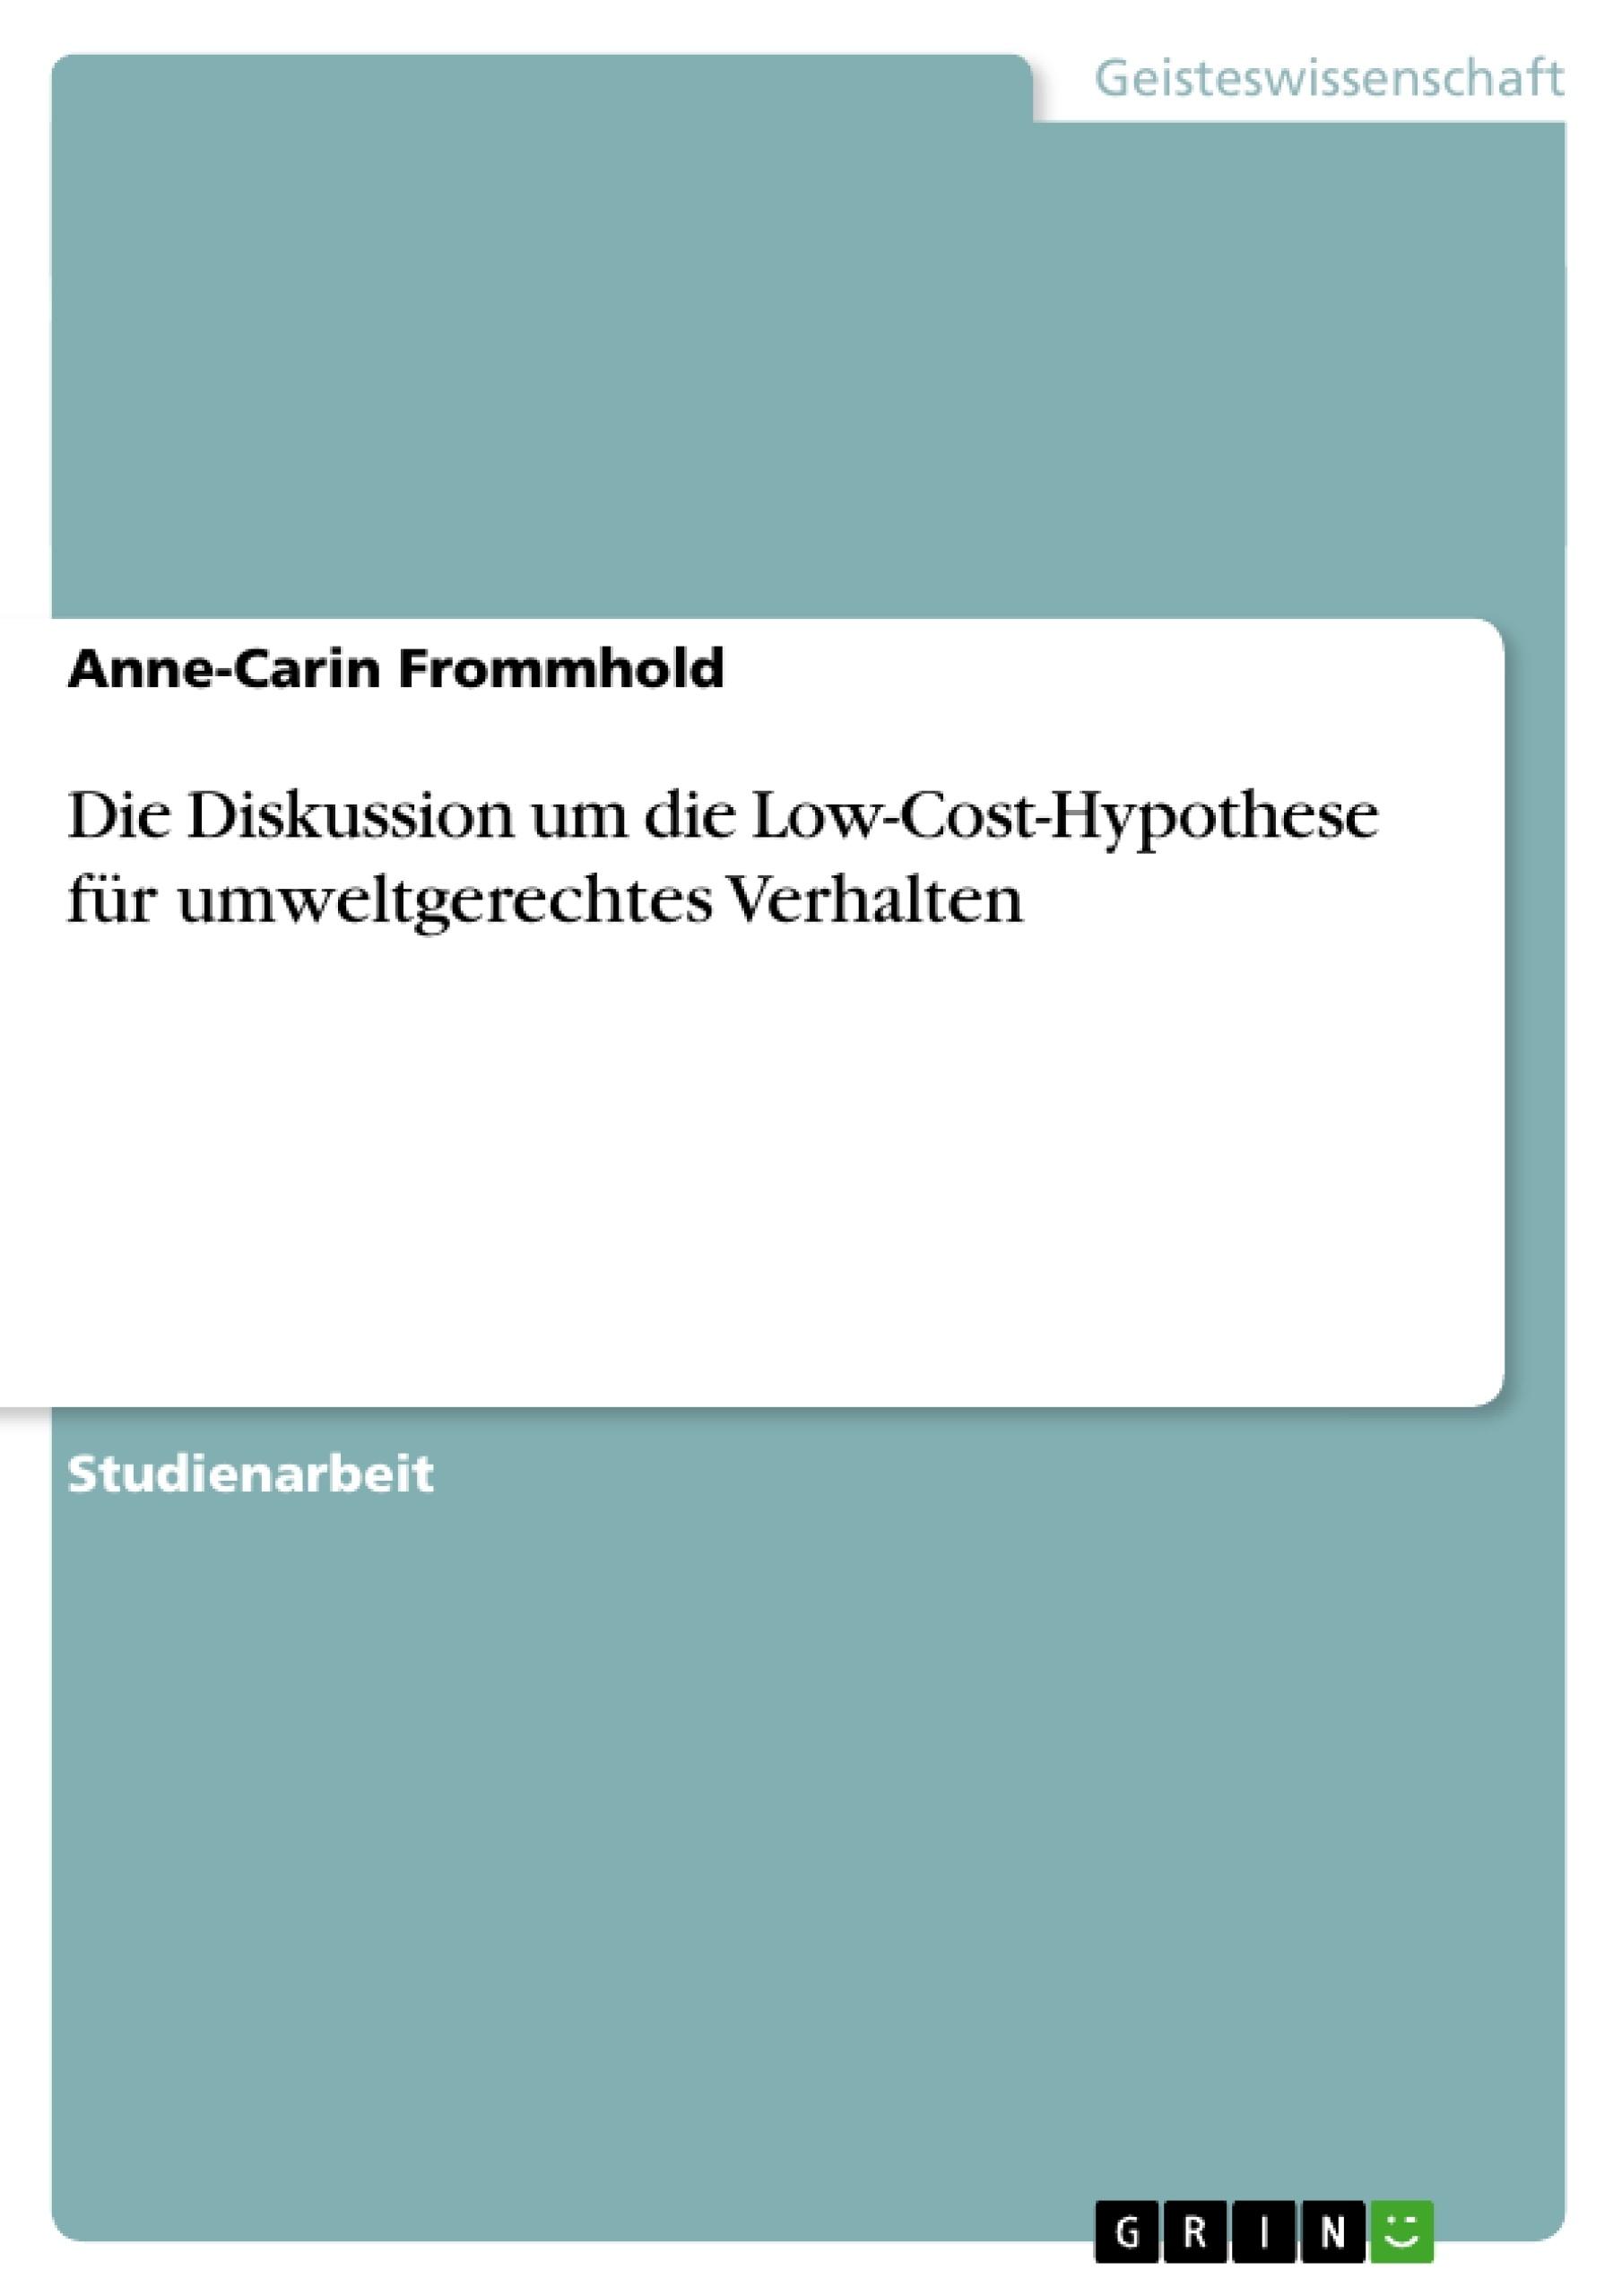 Titel: Die Diskussion um die Low-Cost-Hypothese für umweltgerechtes Verhalten